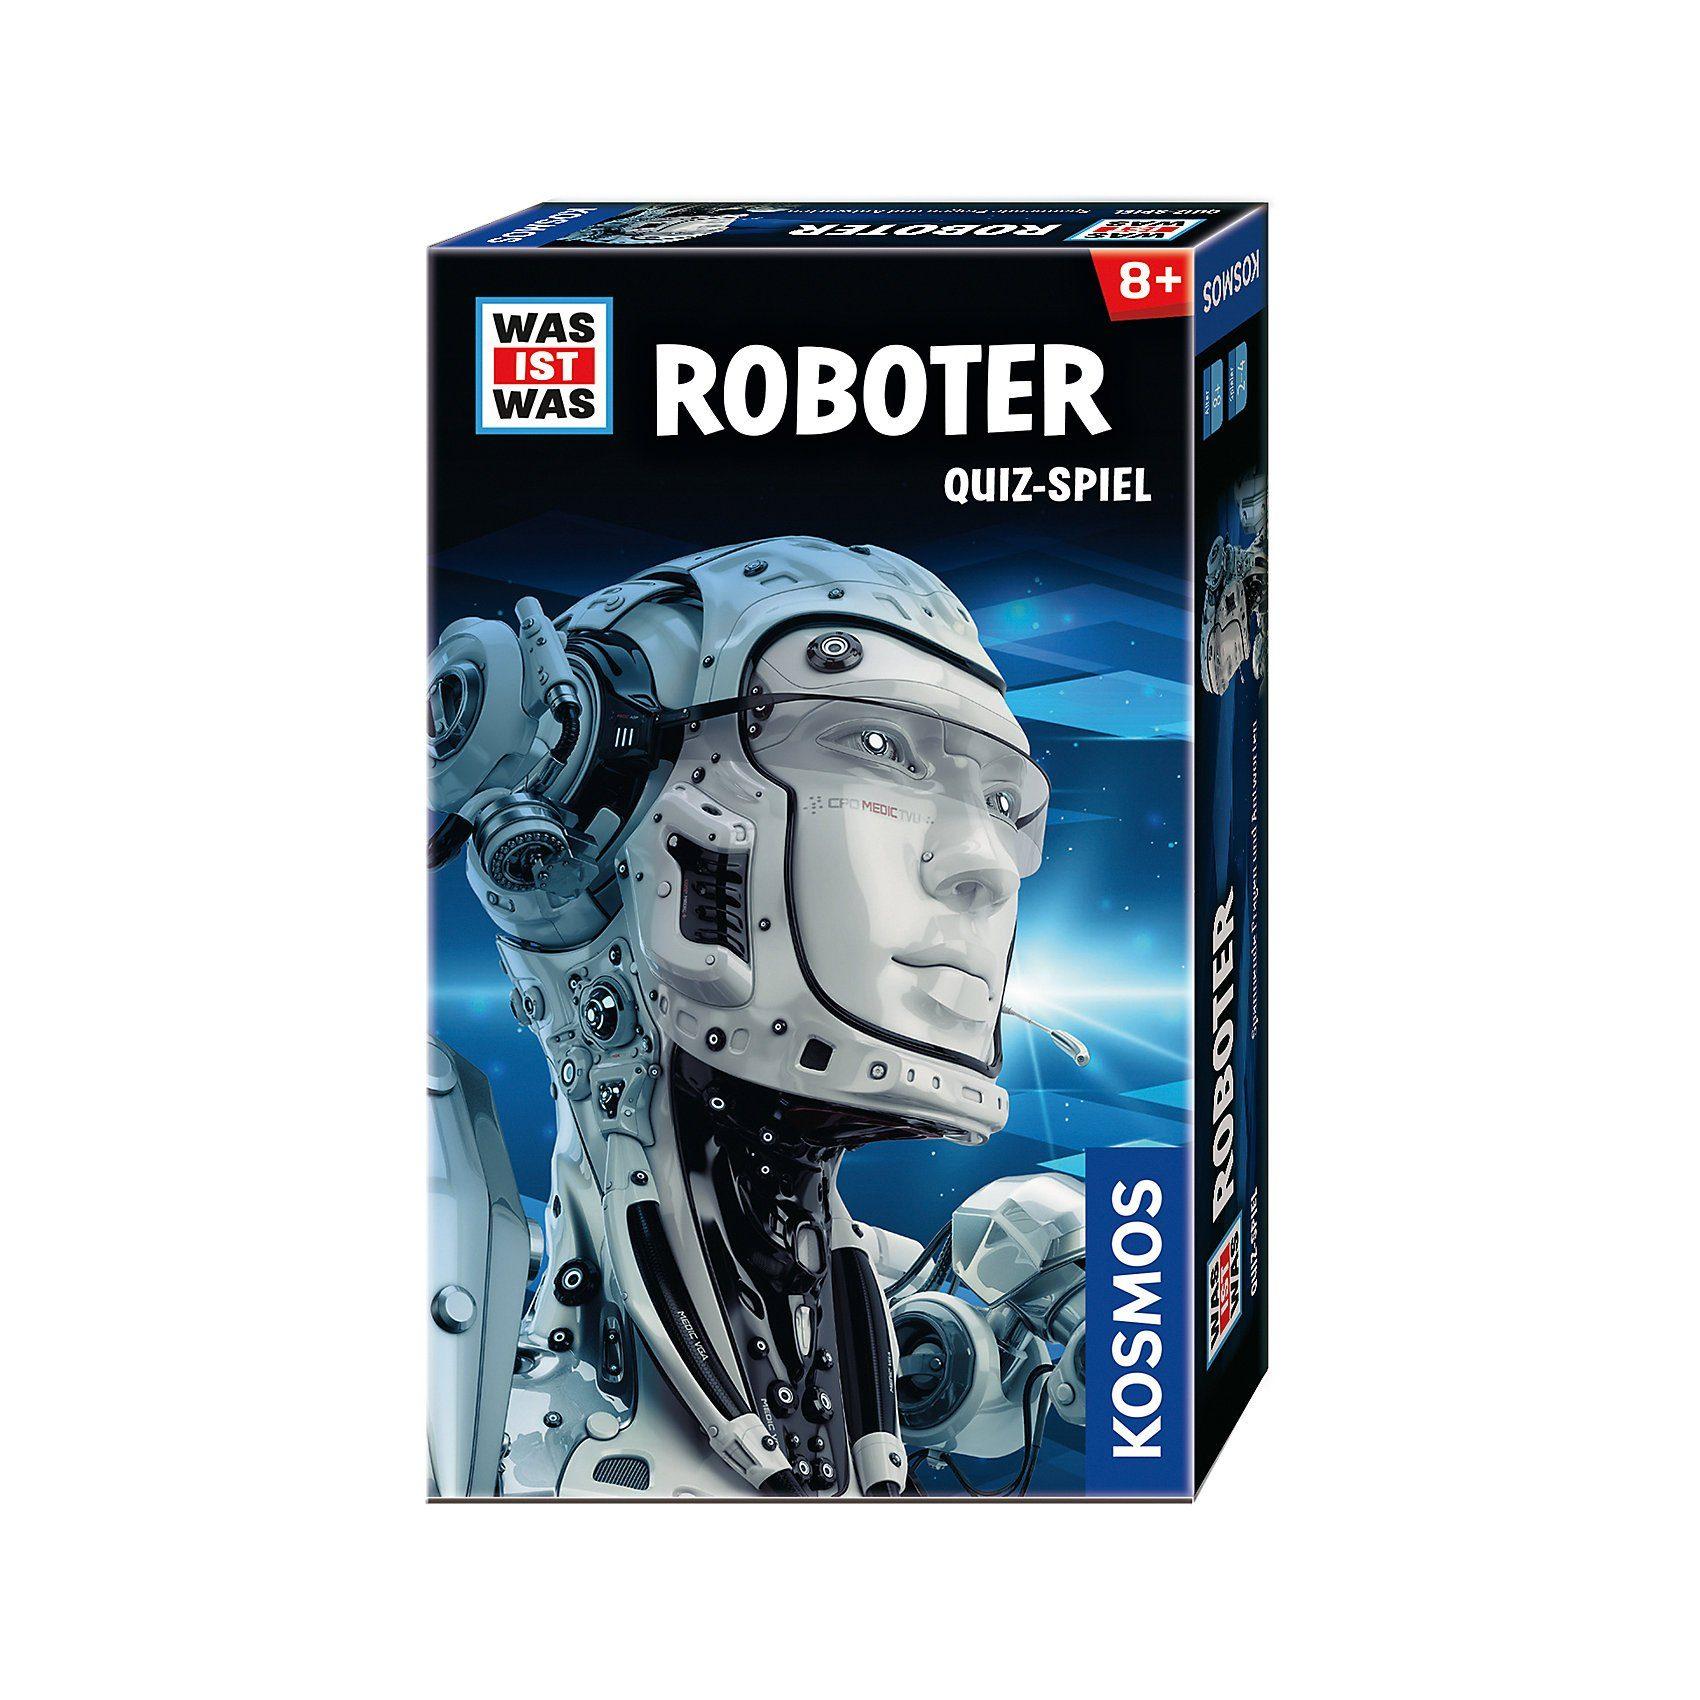 Kosmos WAS IST WAS - Roboter (Mitbringspiel)